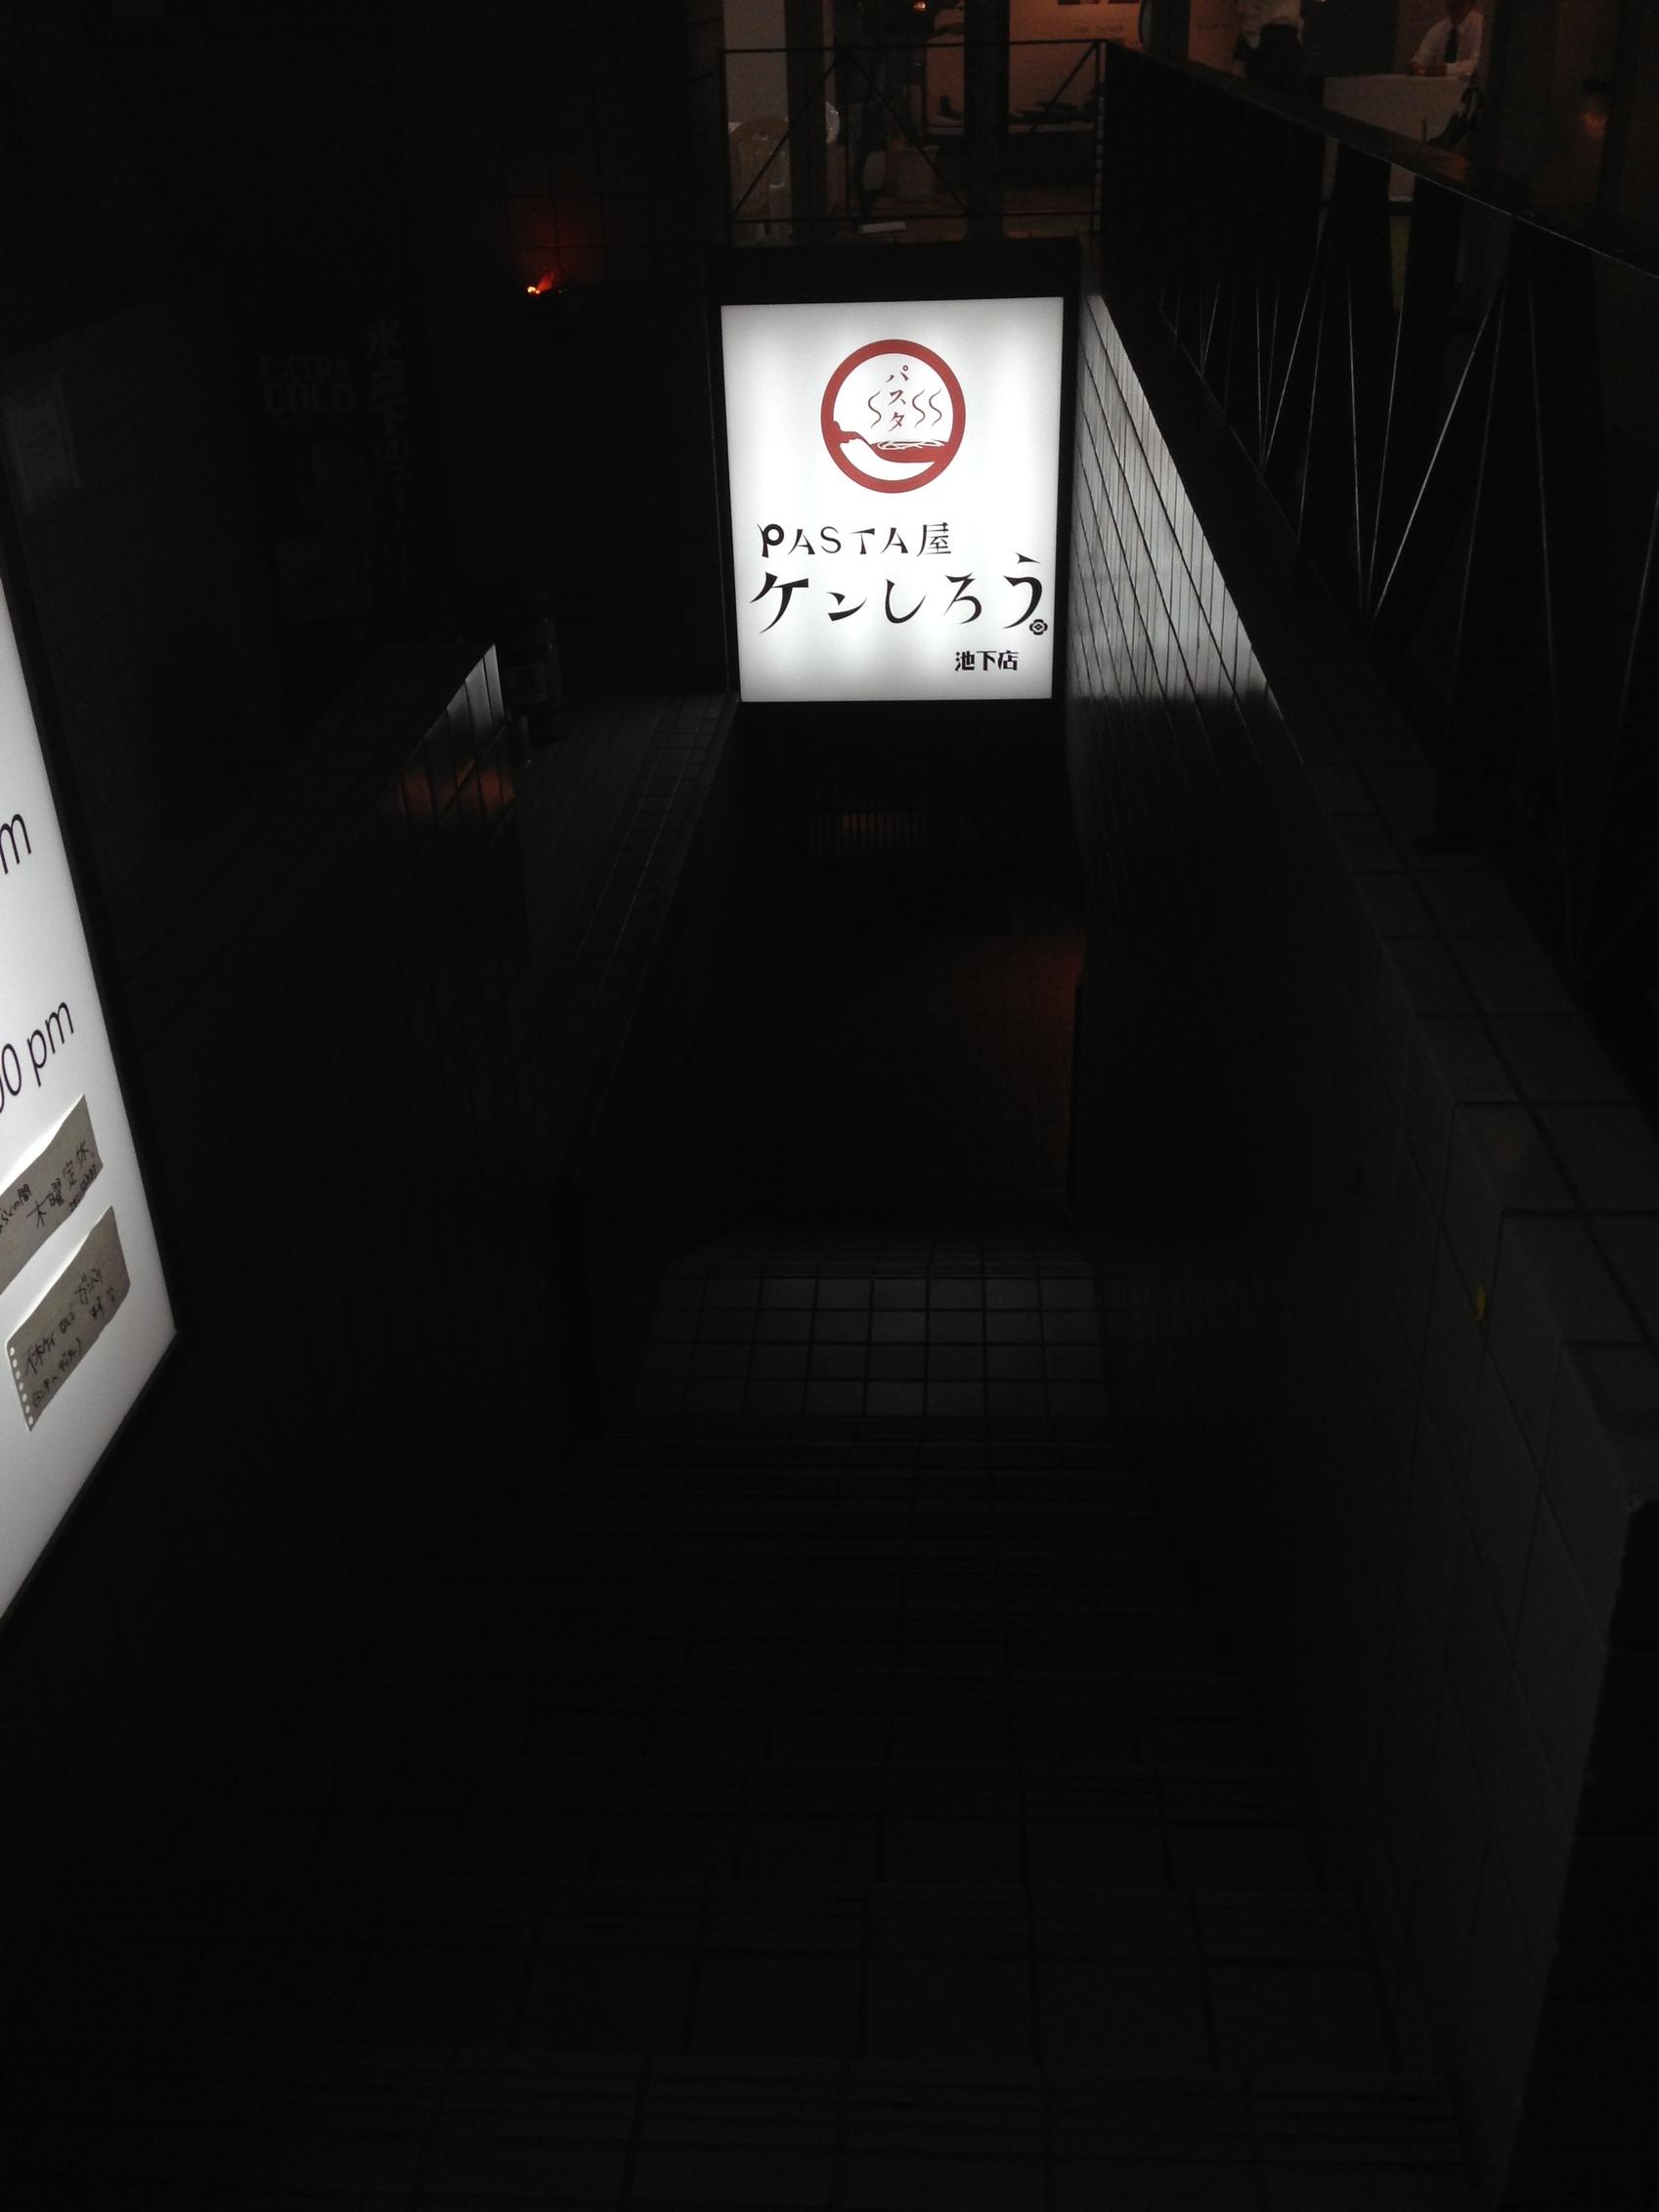 ケンしろう 池下店